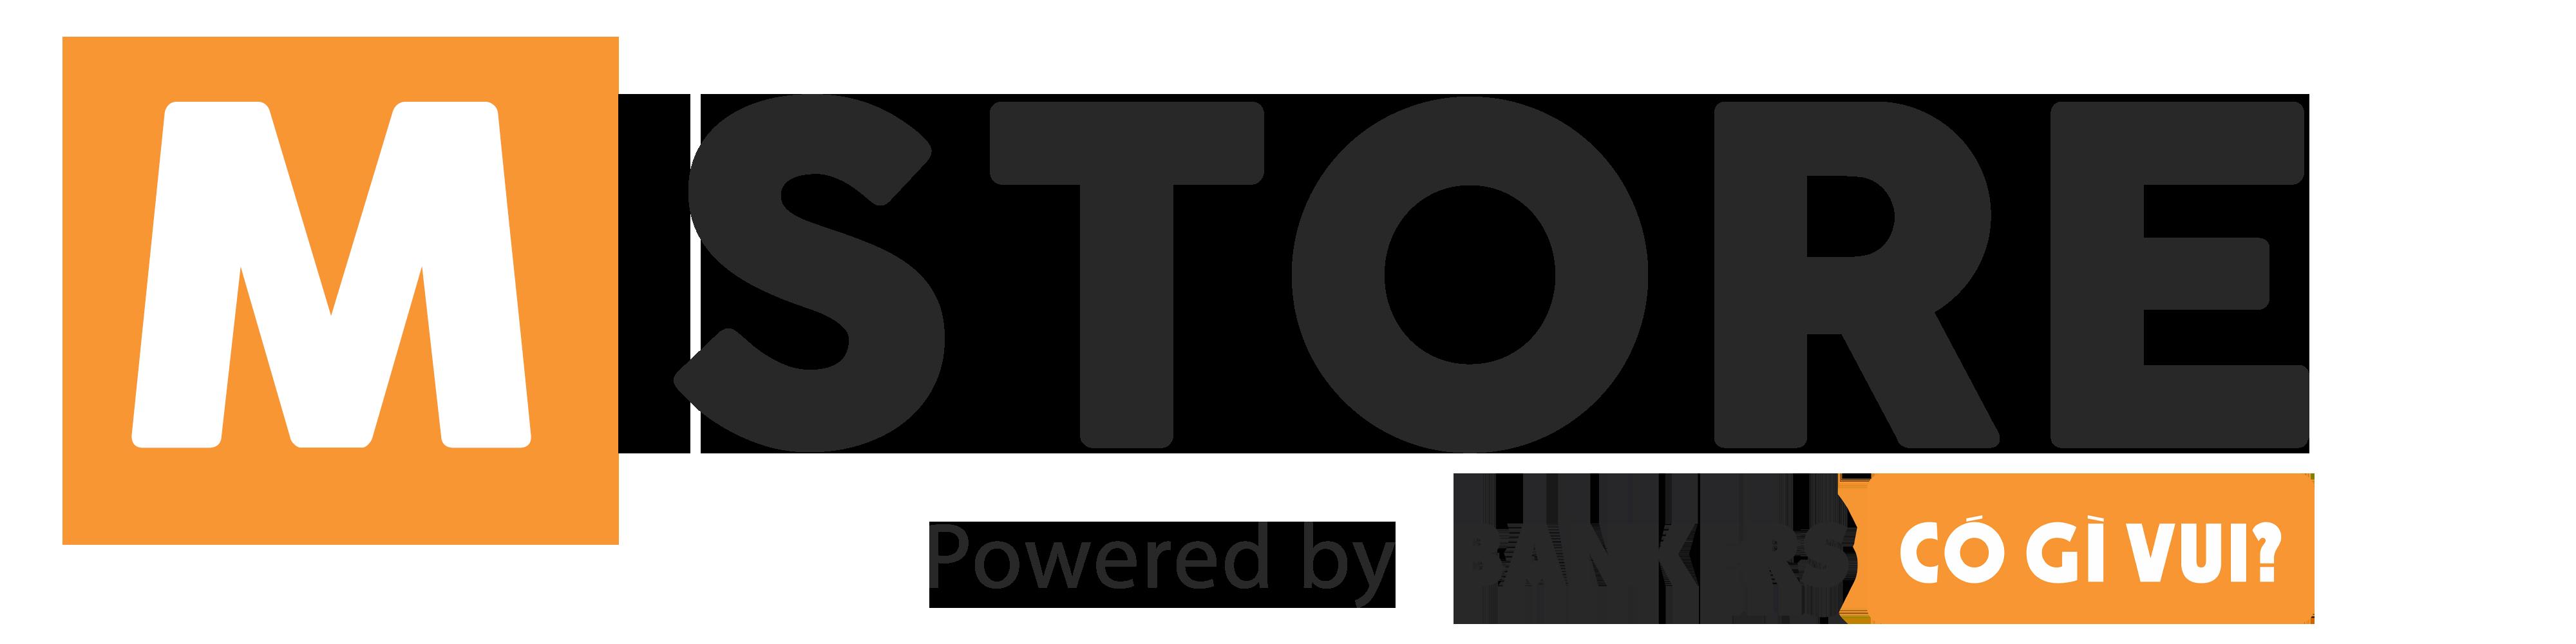 M.STORE – Powered by Bankers có gì vui?